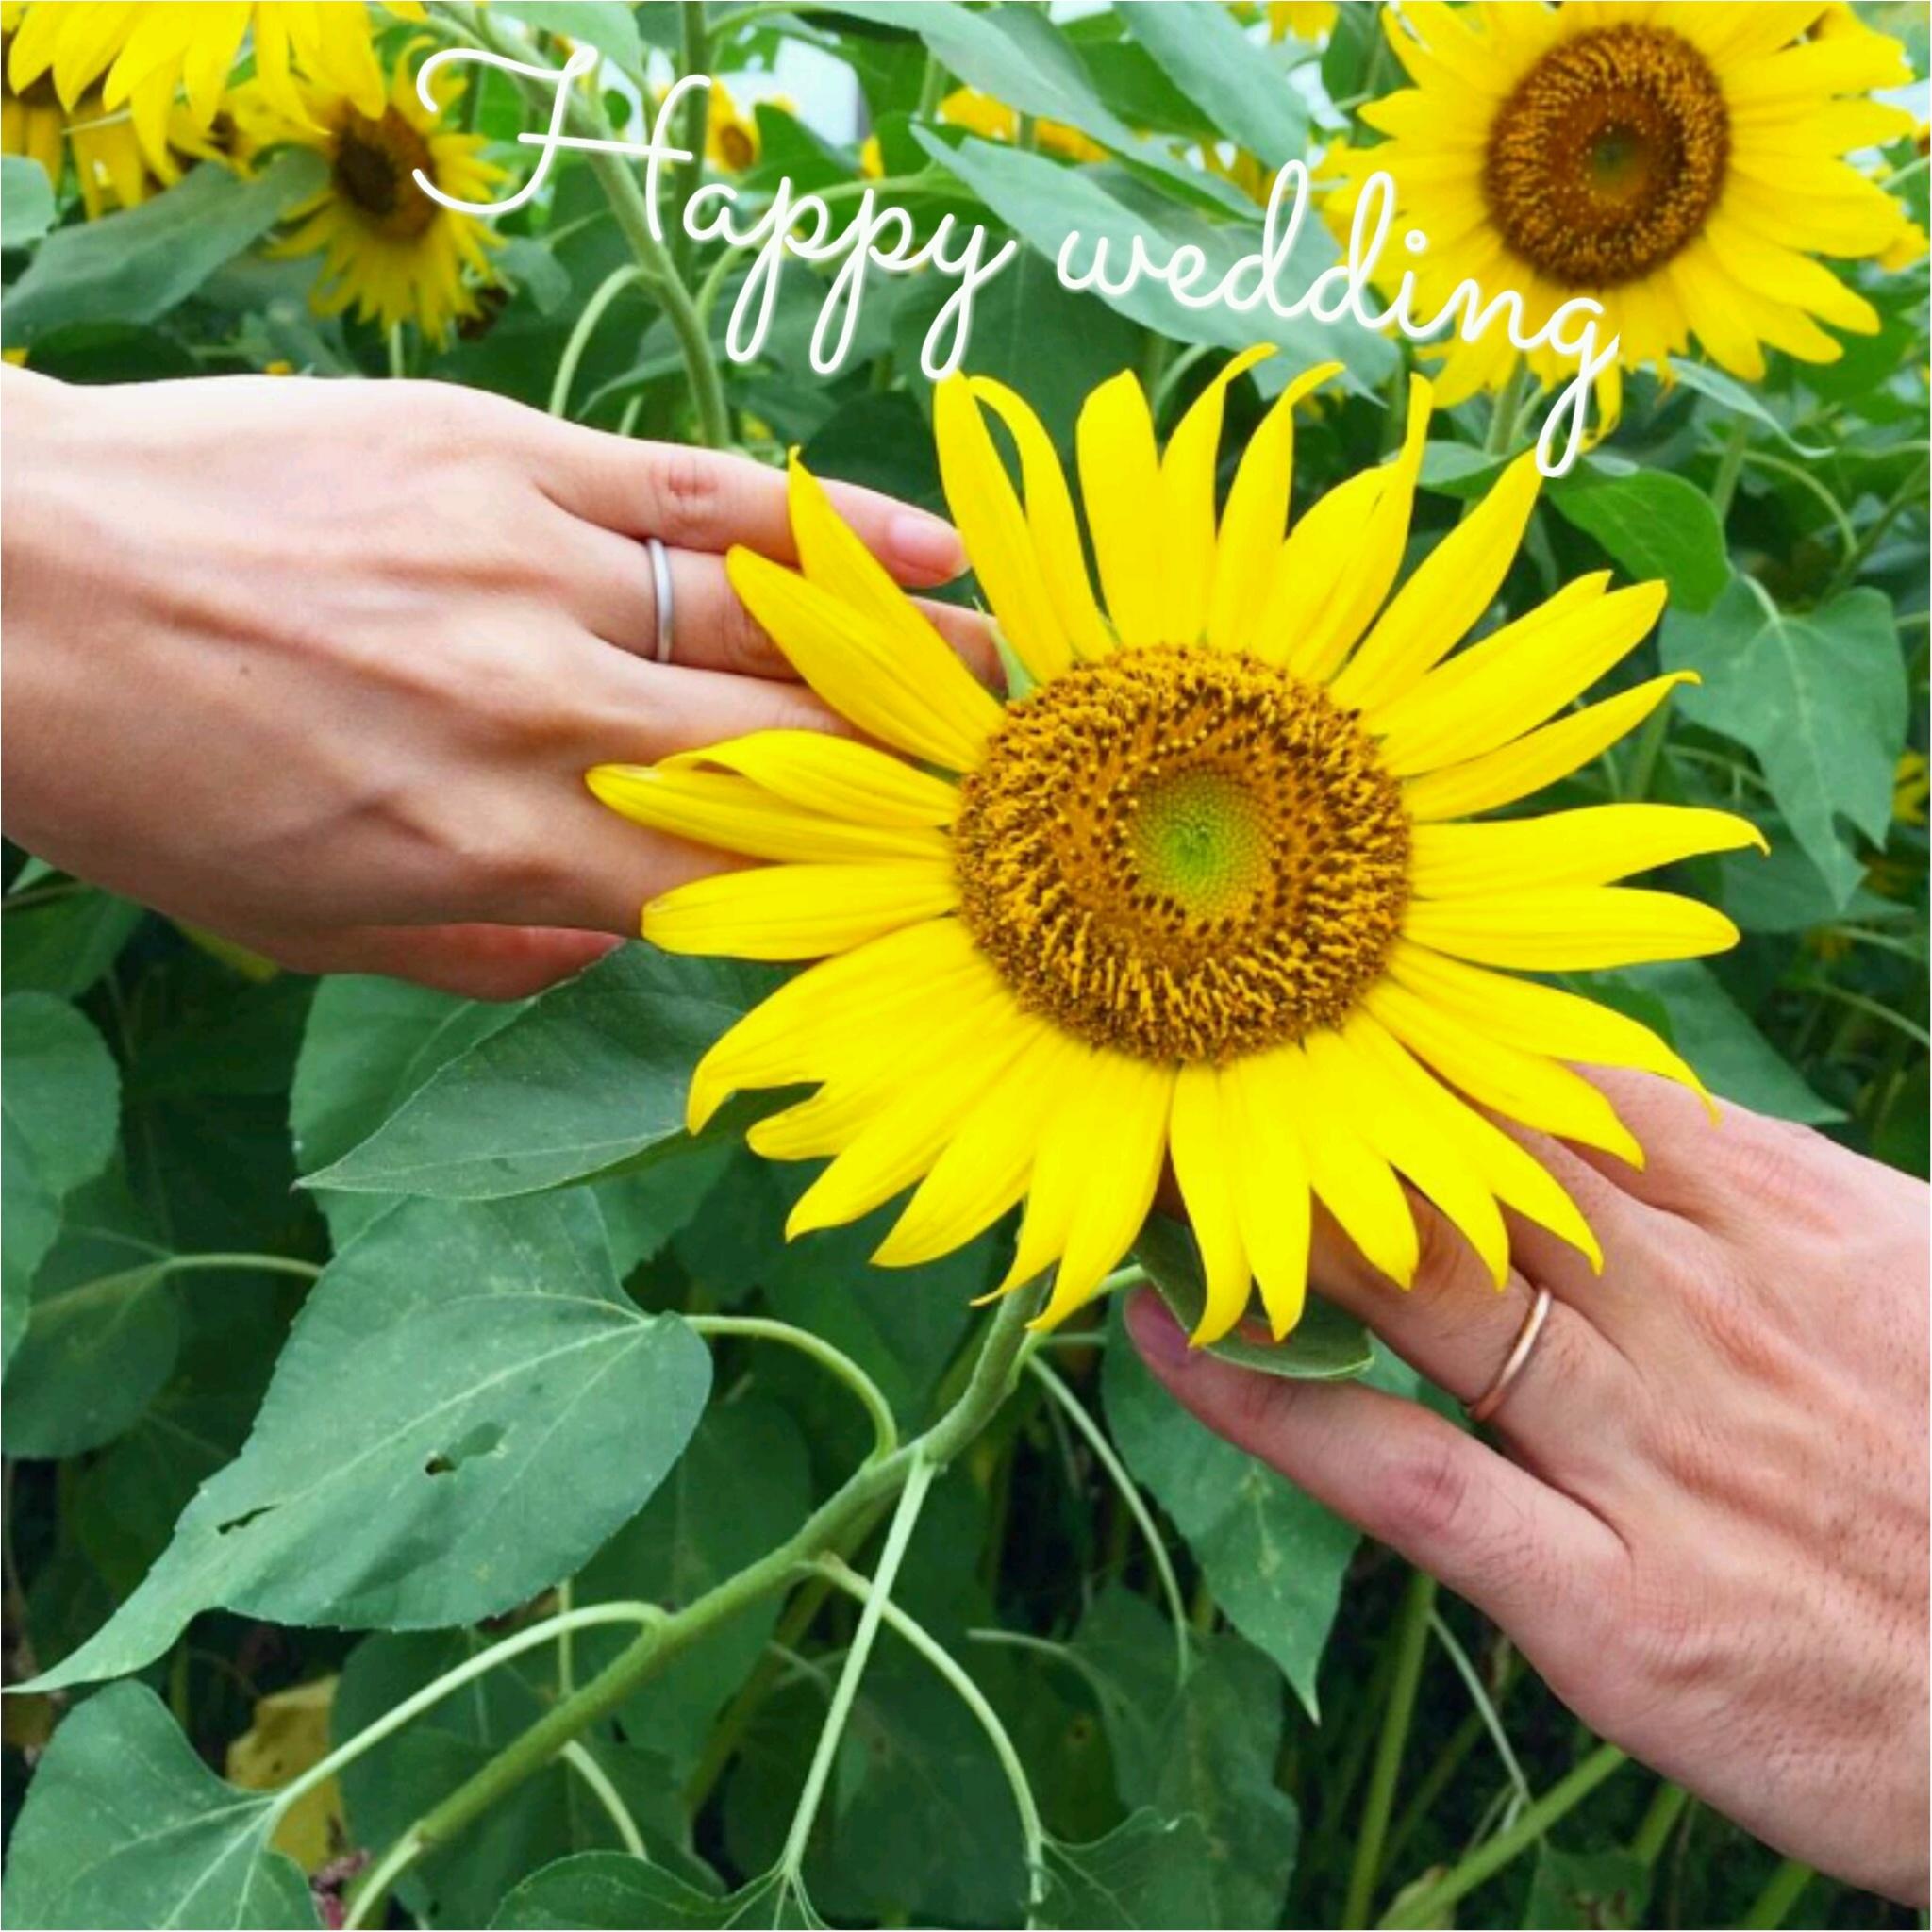 結婚指輪のおすすめブランド特集 - スタージュエリー、4℃、ジュエリーツツミなどウェディング・マリッジリングまとめ_52